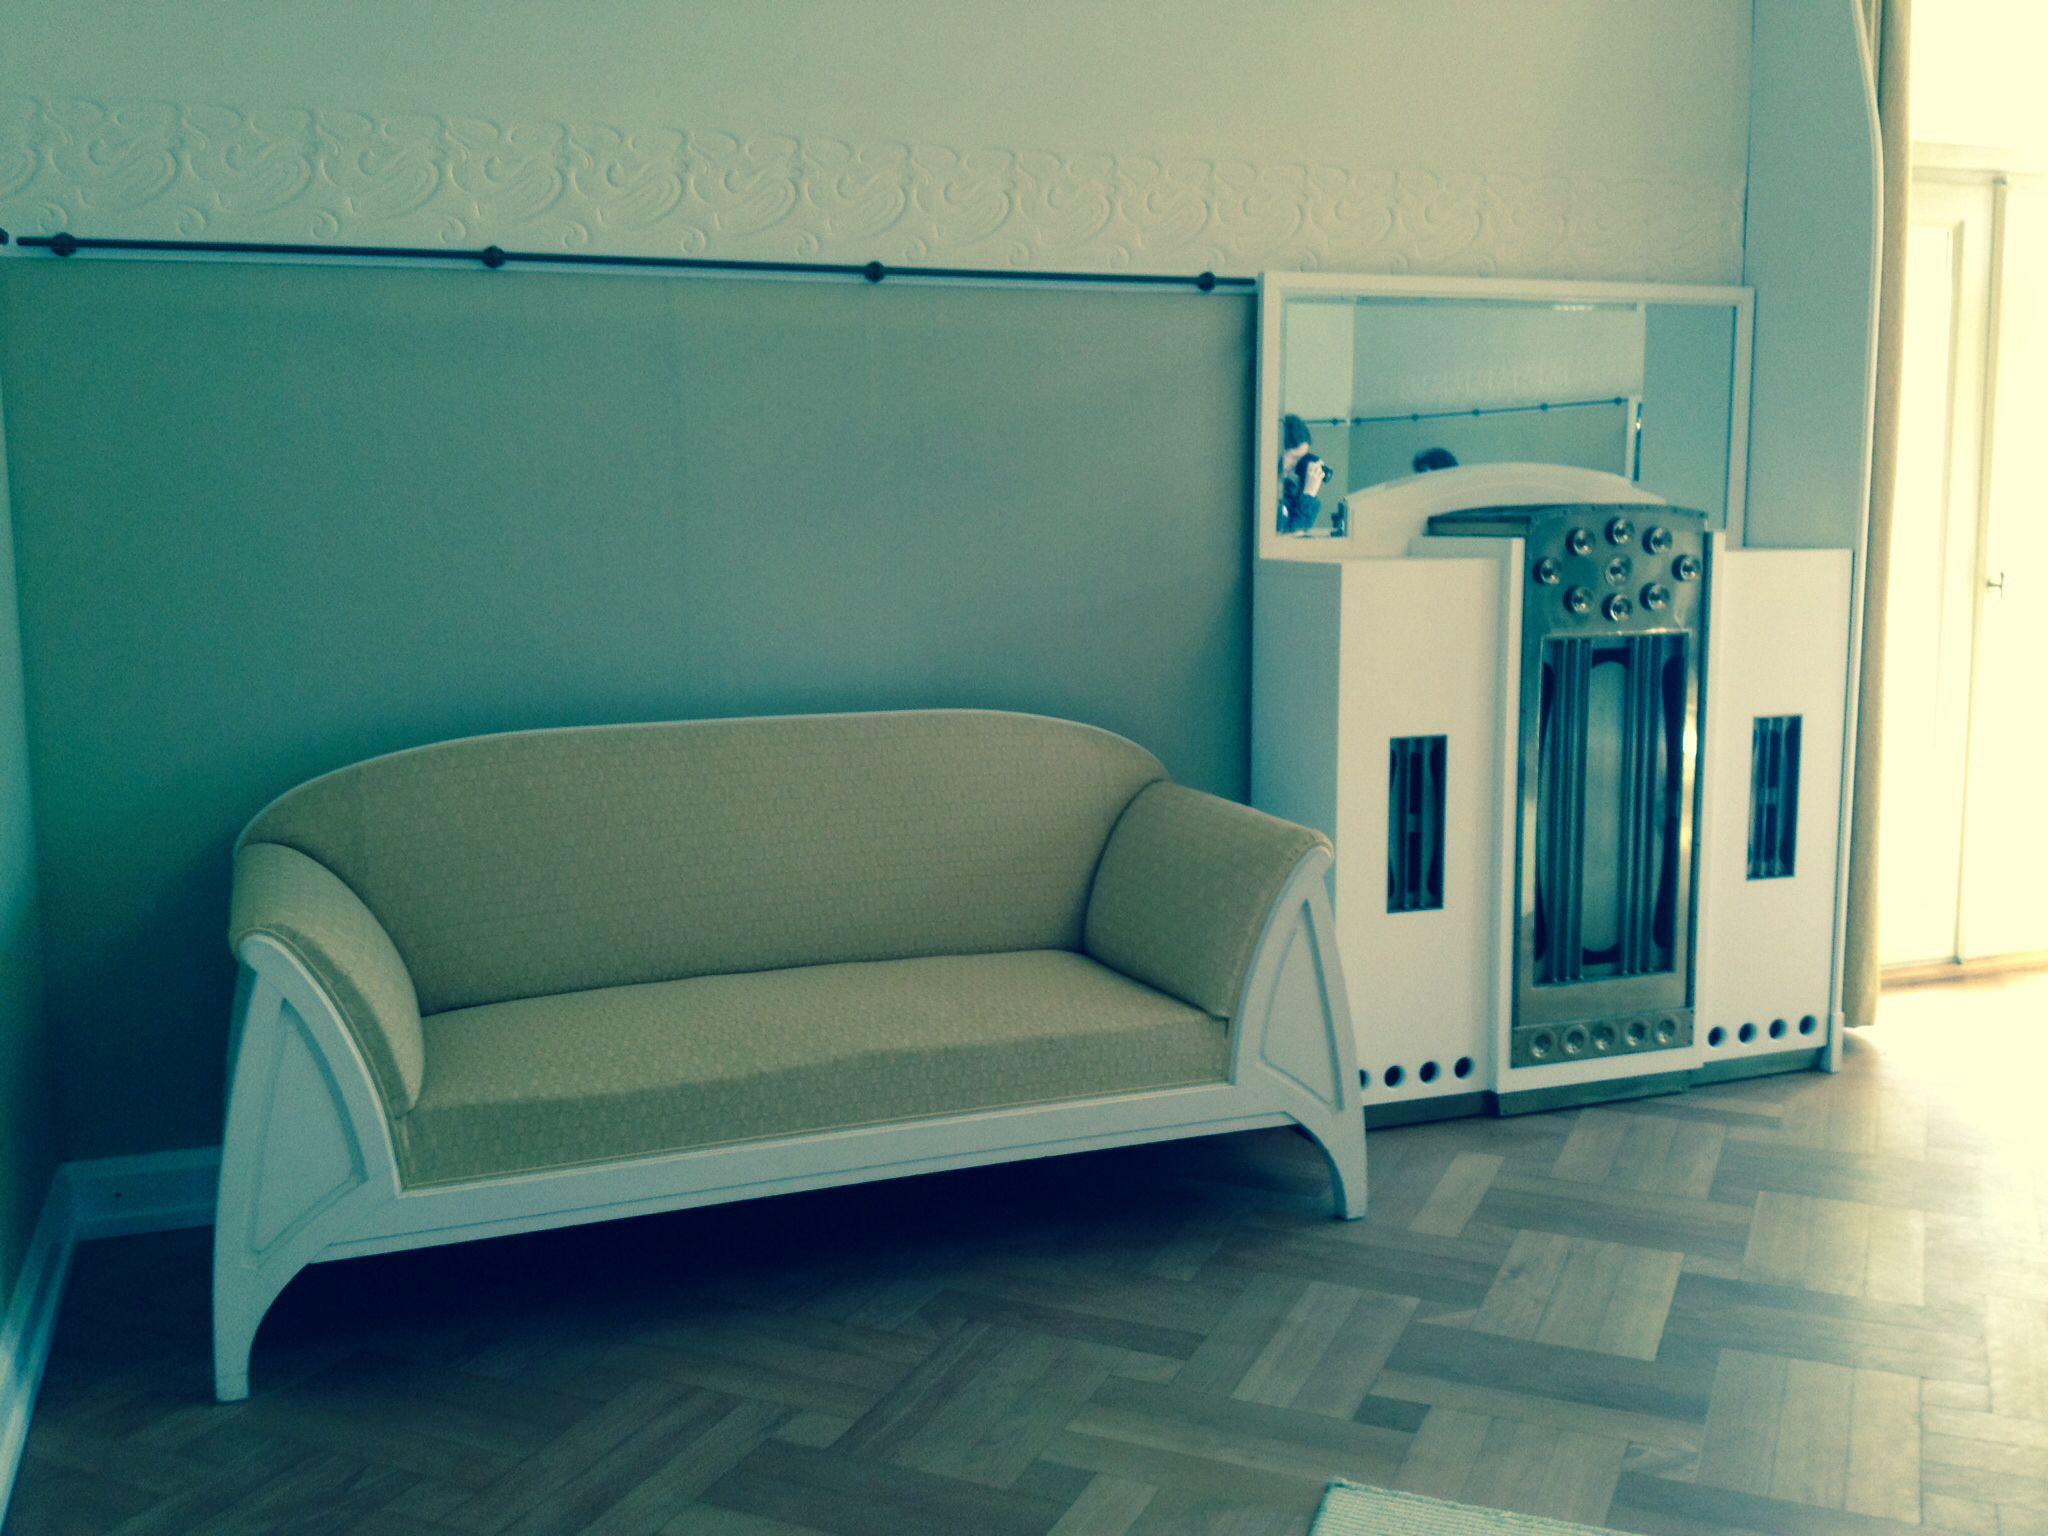 Villa Esche, Chemnitz. Love seat